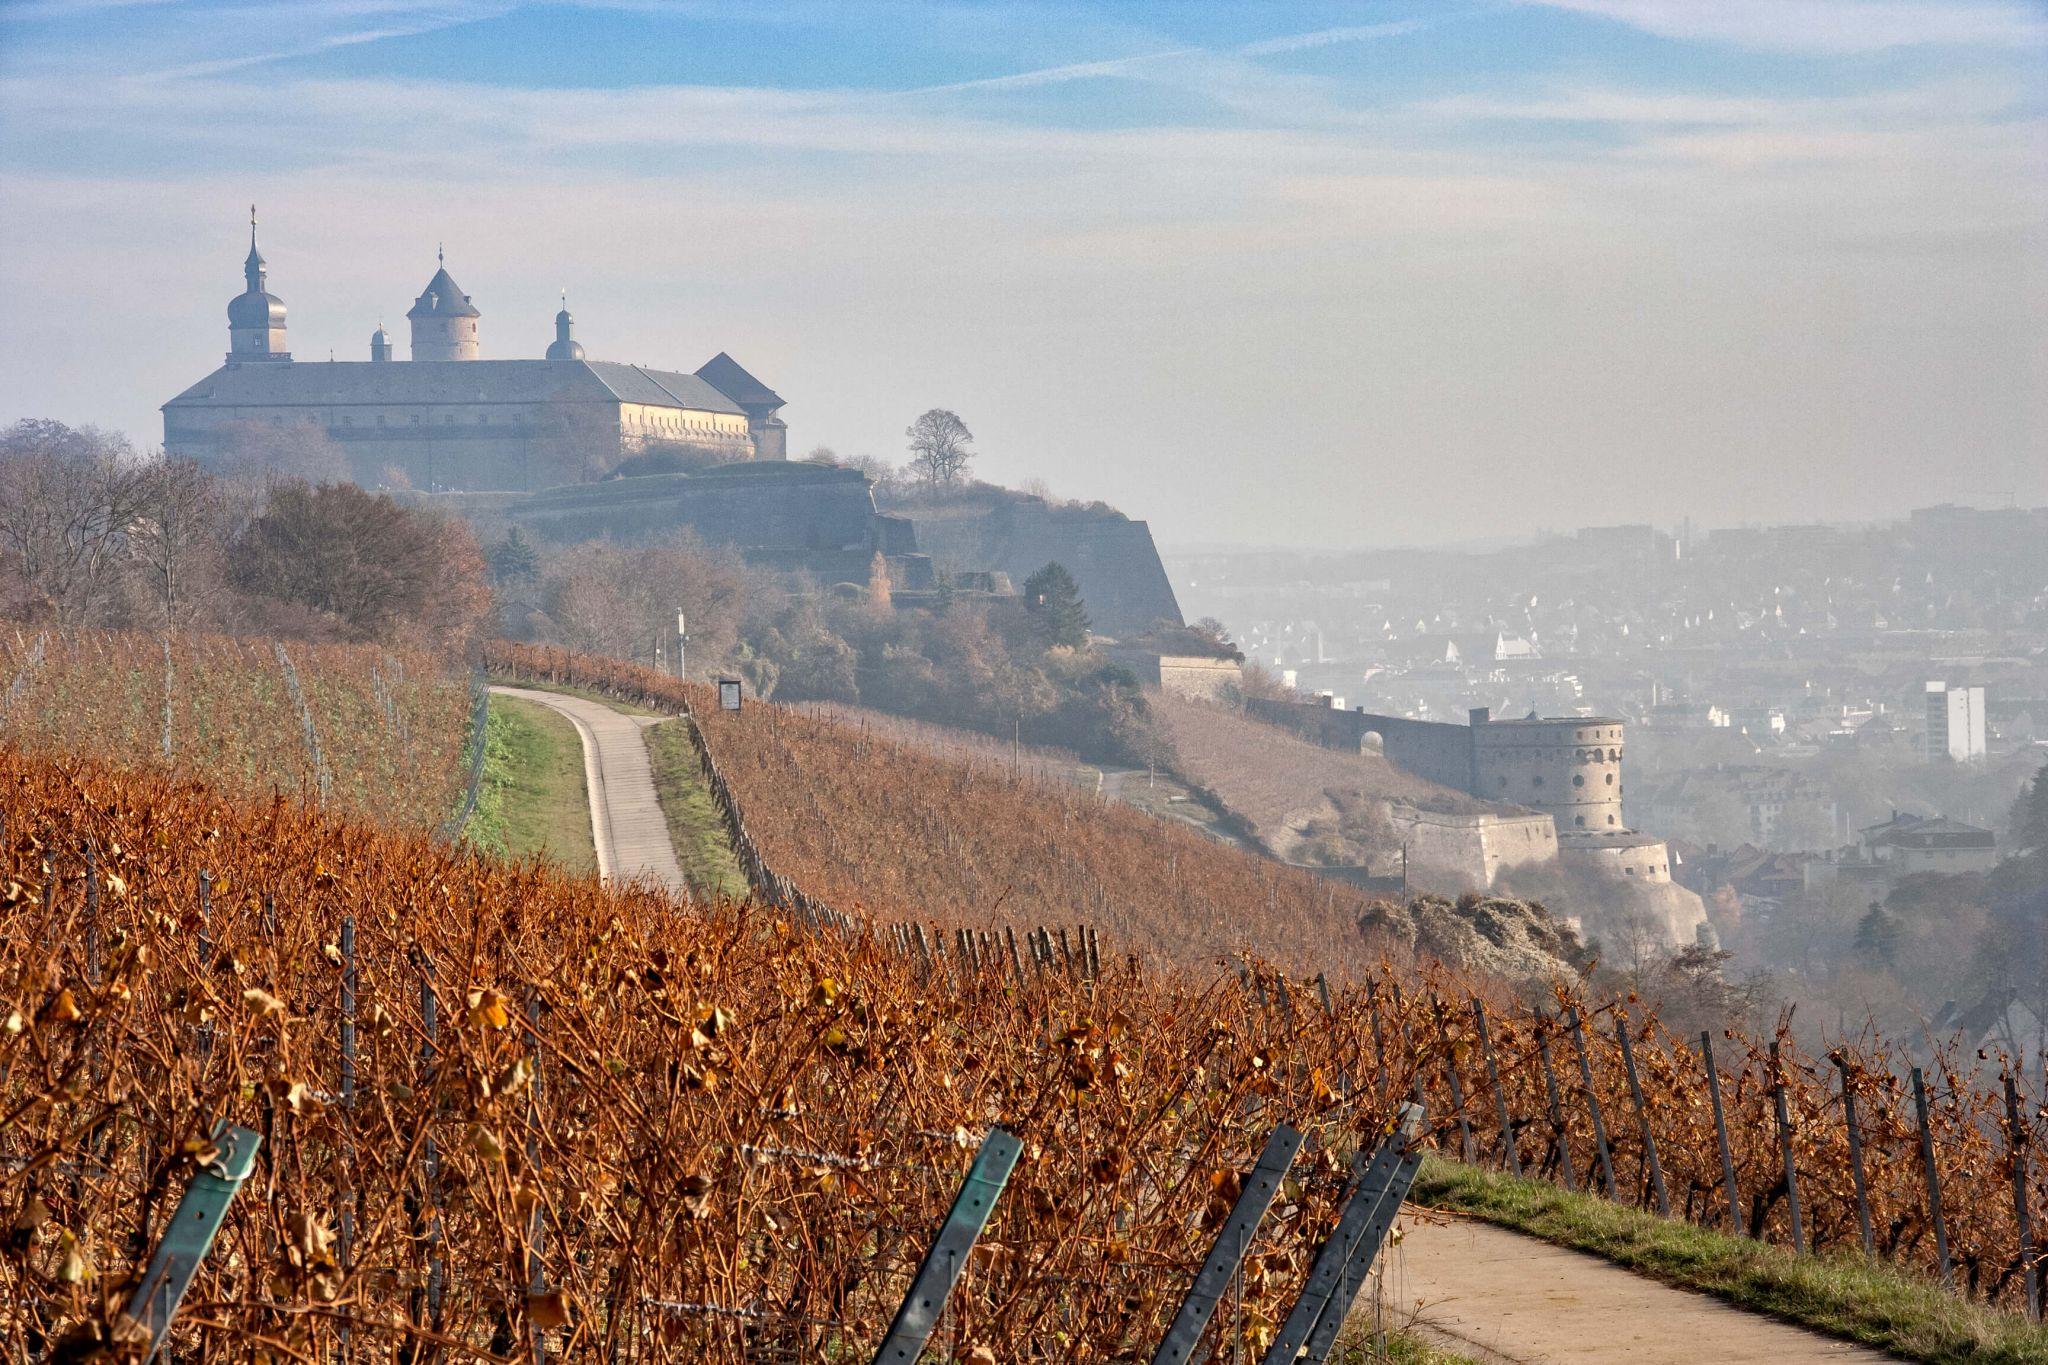 Vineyard and Festung Marienberg, Germany